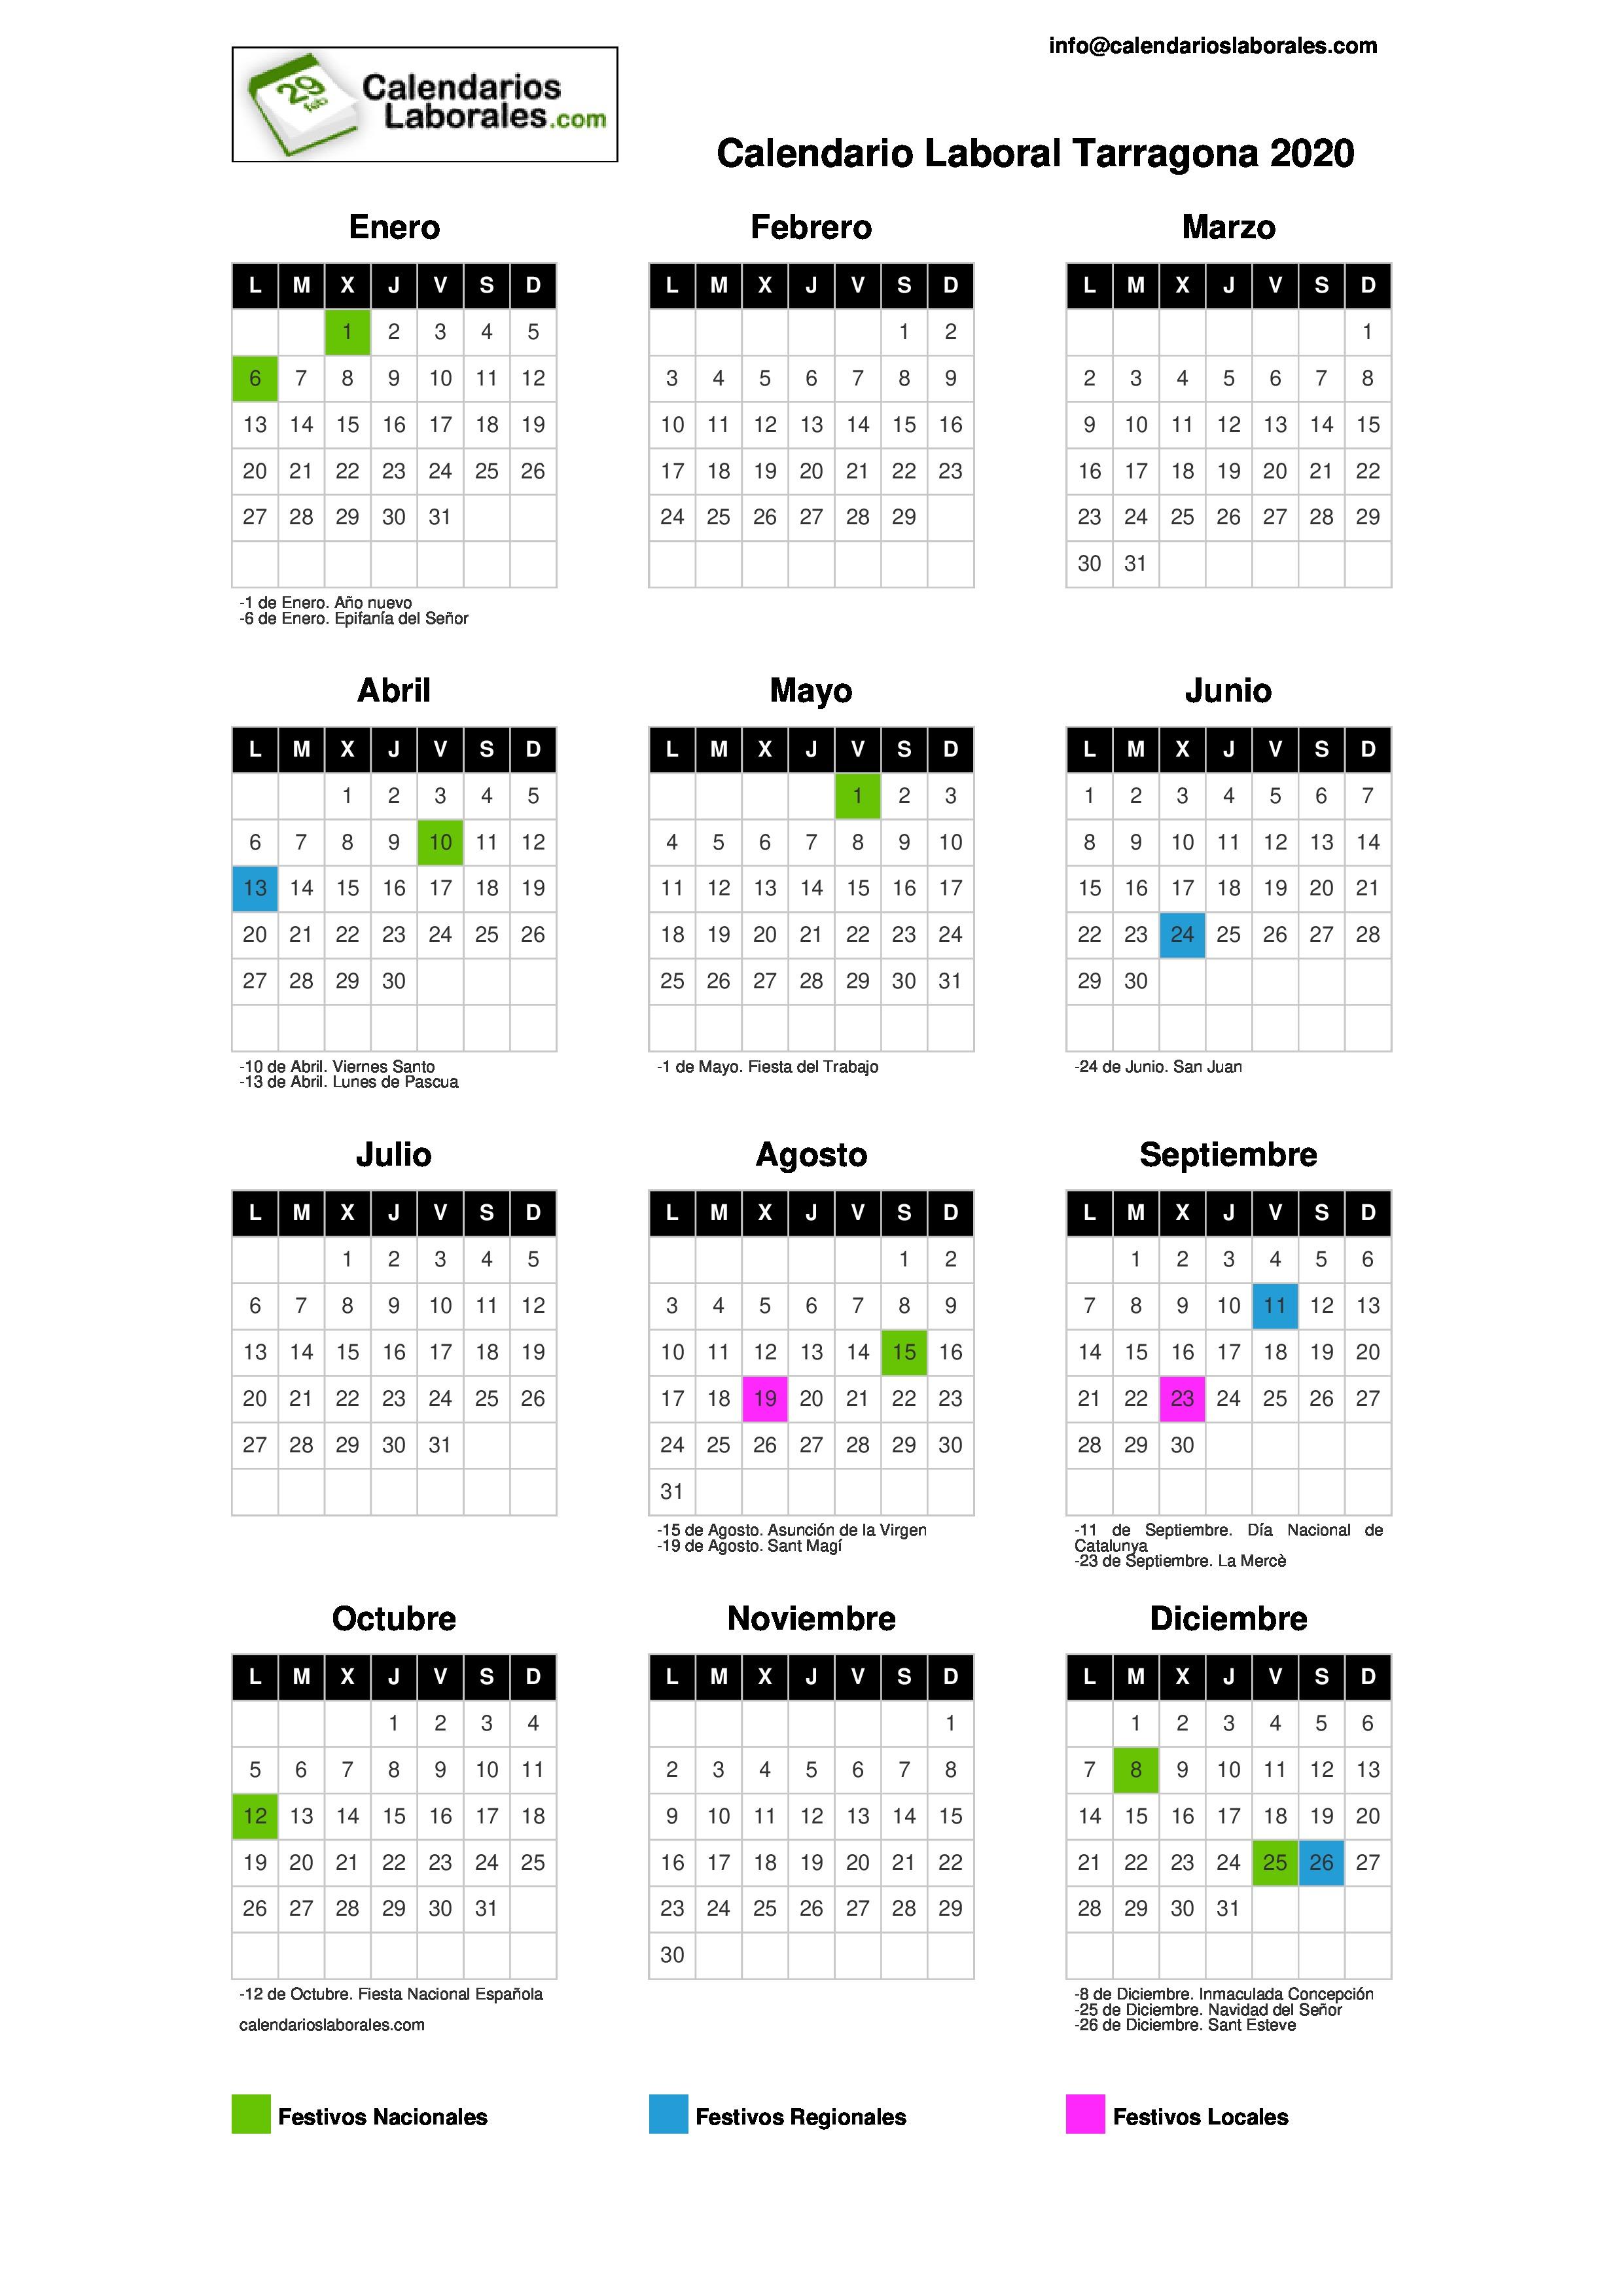 Calendario Anual 2020 Para Imprimir.Calendario Laboral Tarragona 2020